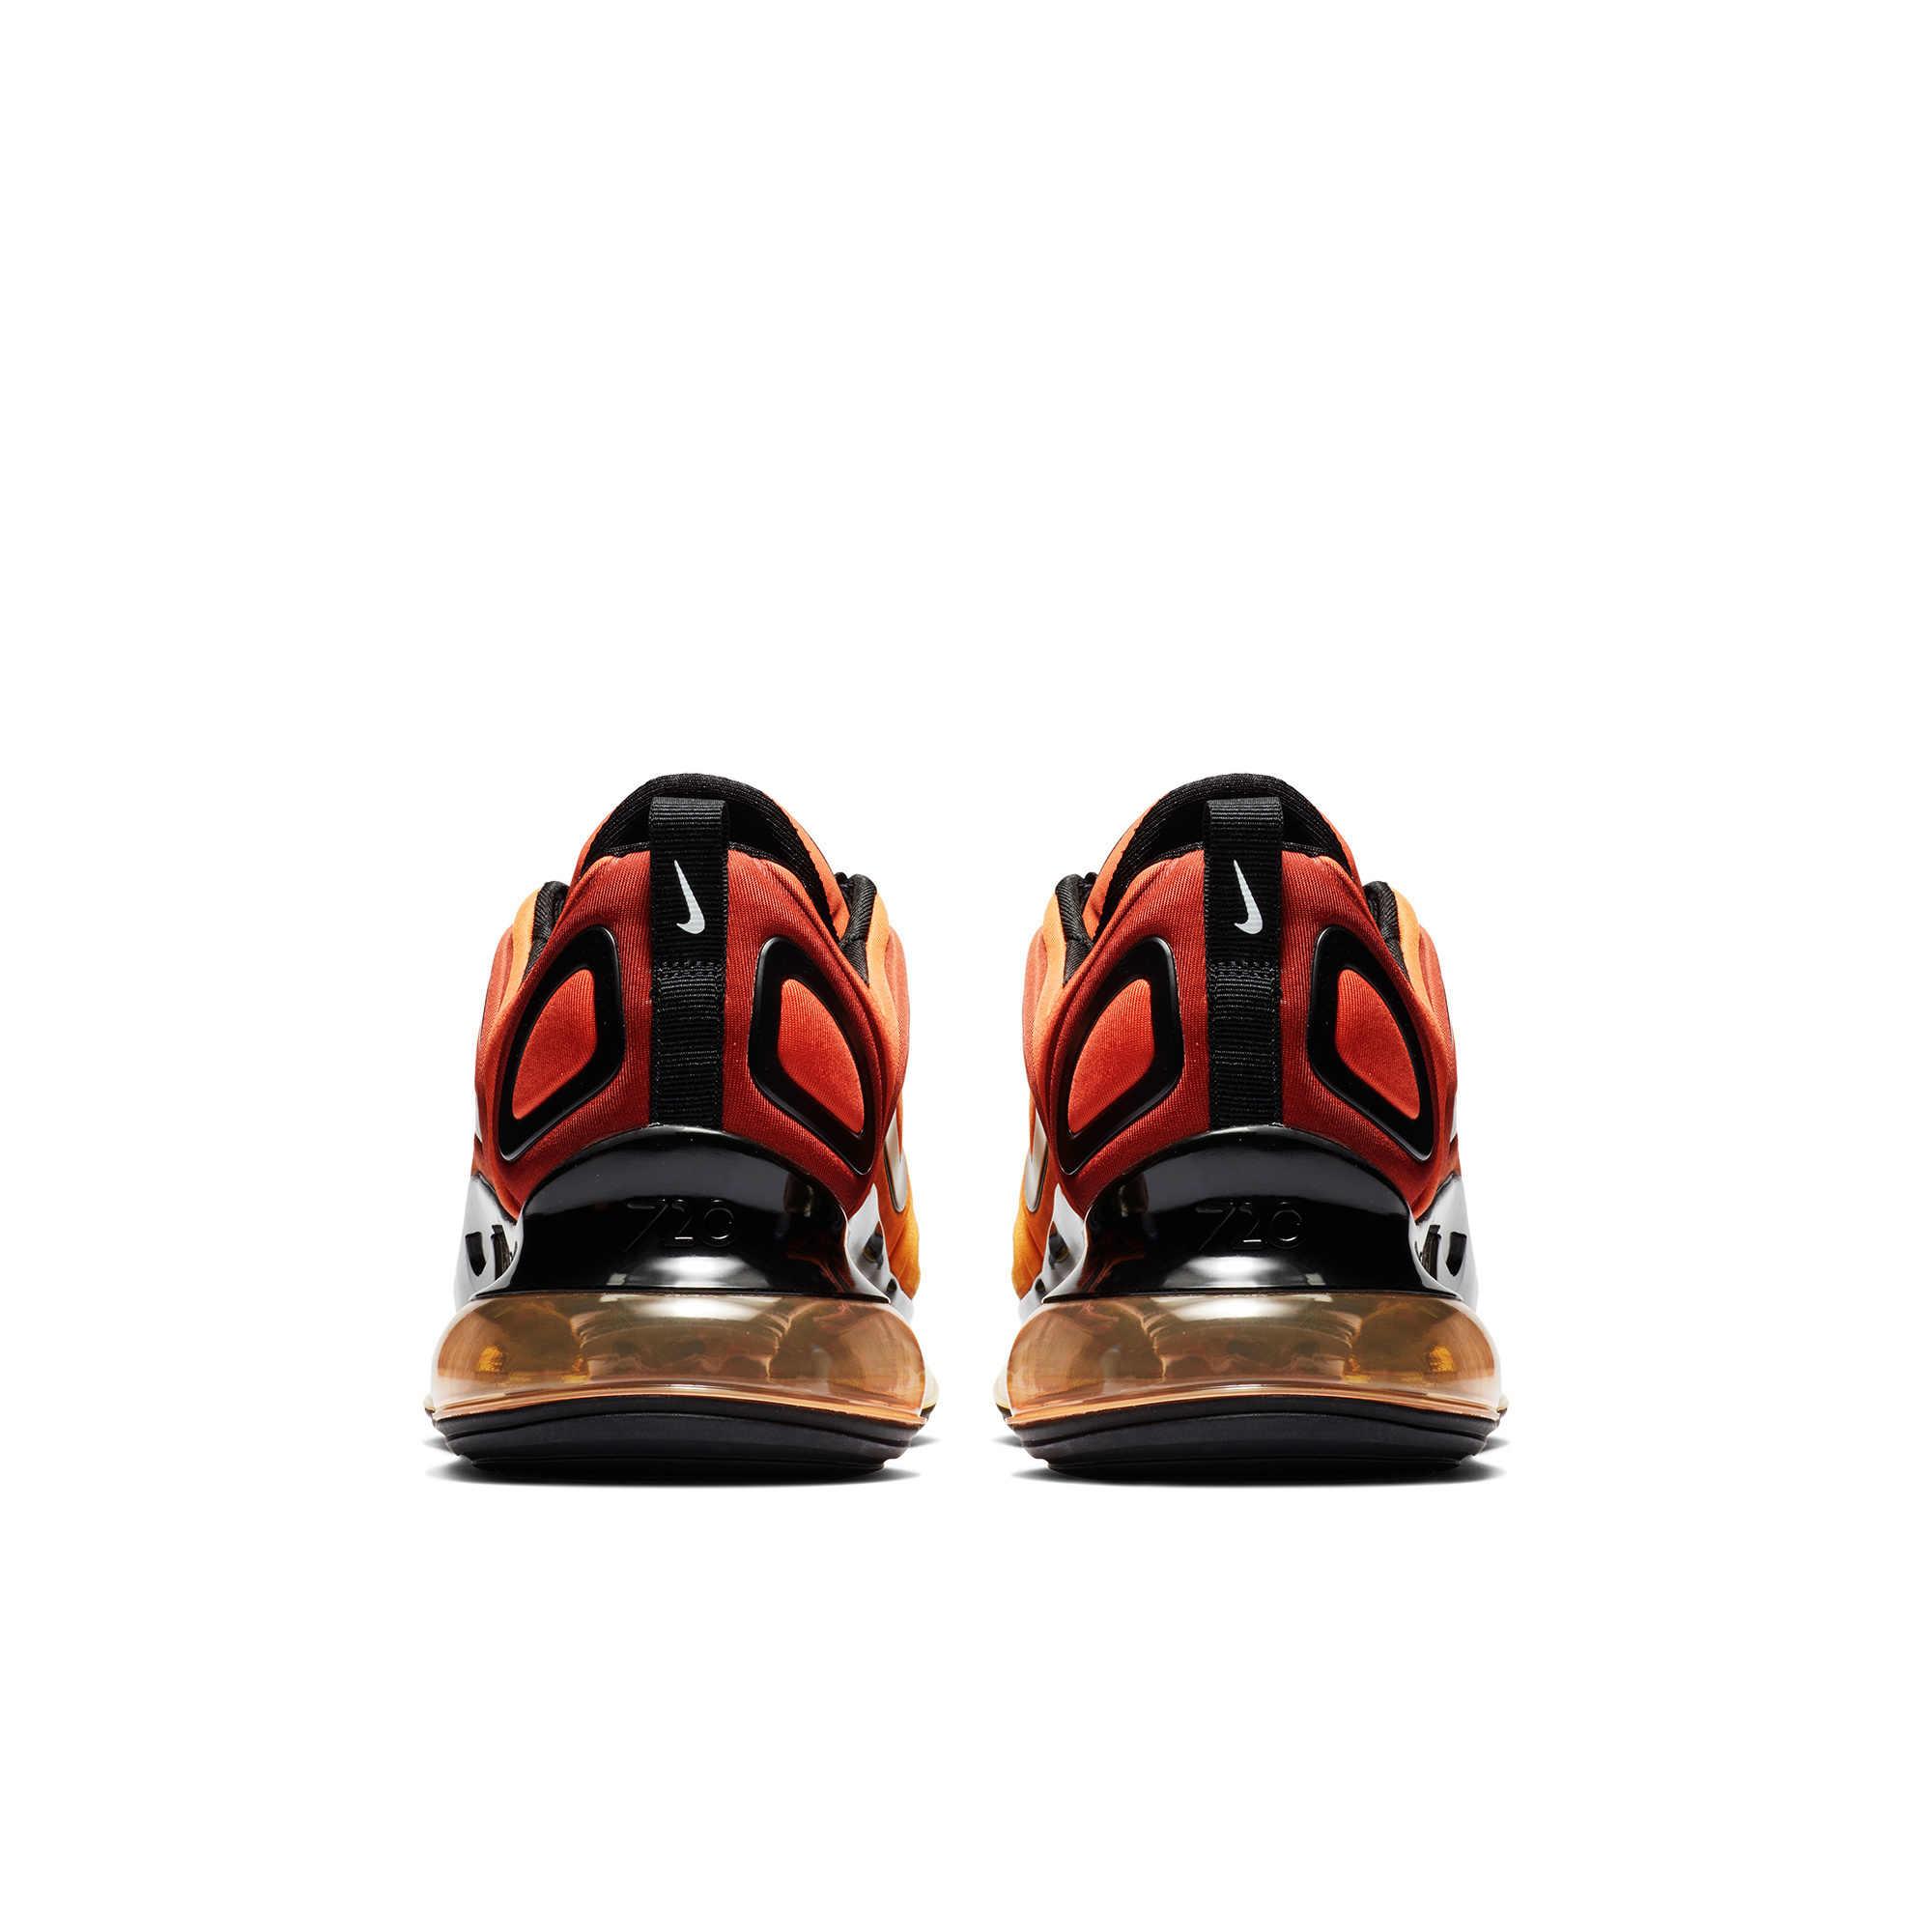 نايك الجوية ماكس 720 الأصلي الرجال احذية الجري مريحة وسادة هوائية جديد وصول تنفس الرياضة في الهواء الطلق رياضية # AO2924-800